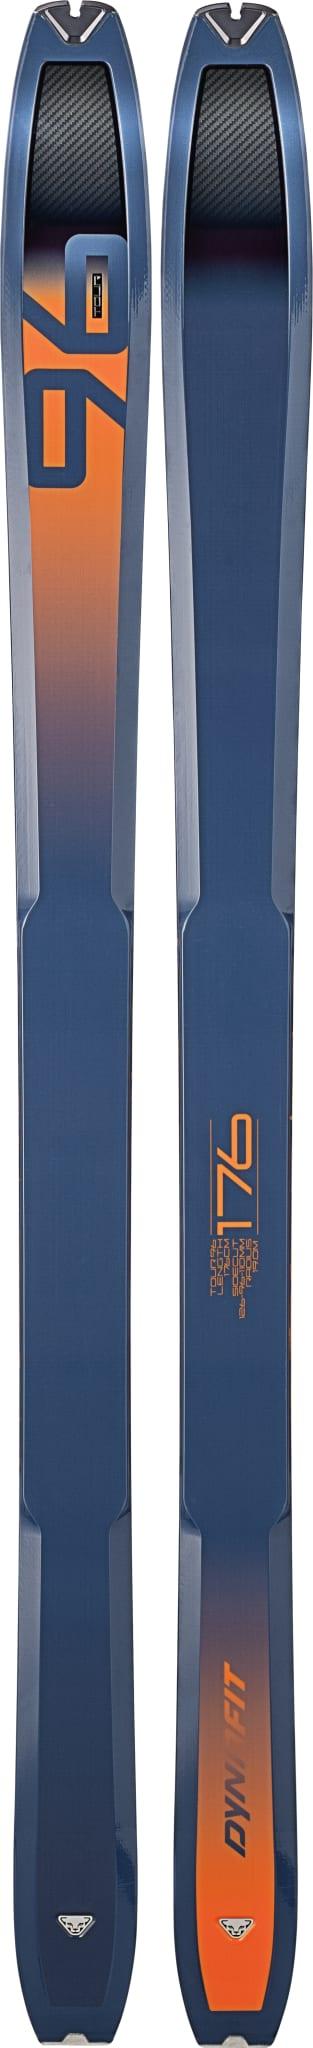 Lettkjørt ski med god bredde for hverdagshelter og innholdsrike helger